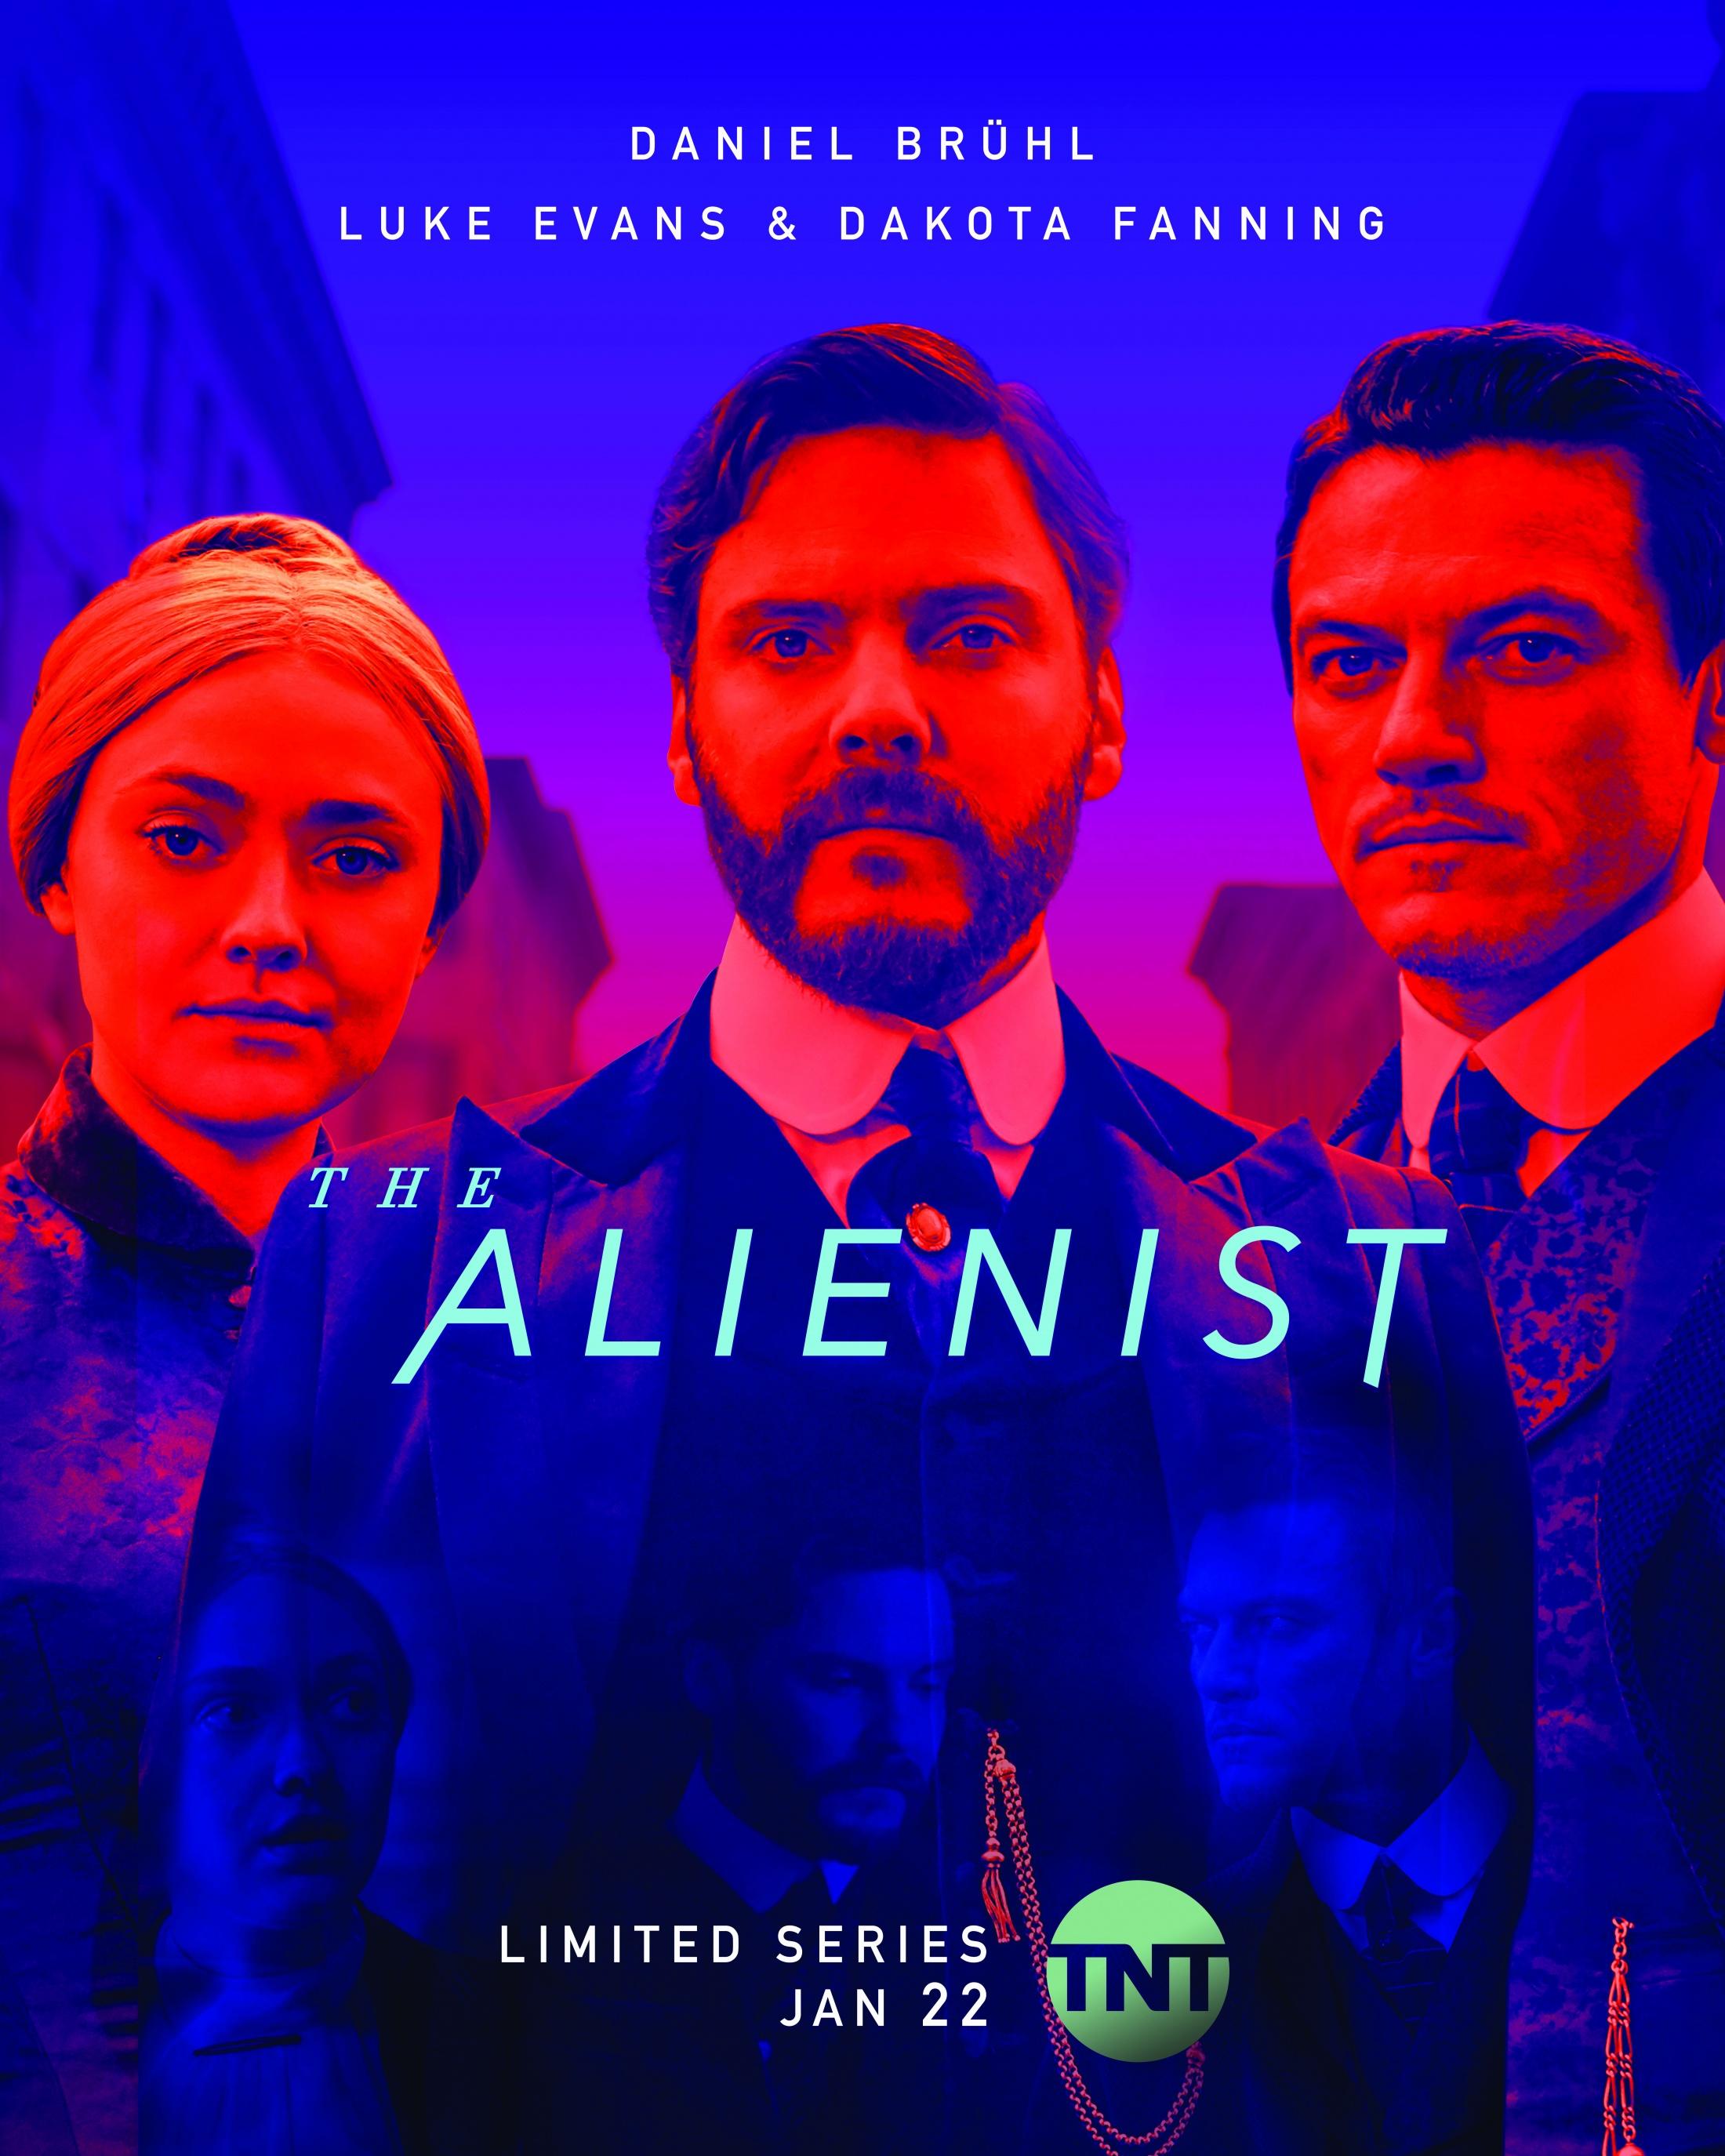 Thumbnail for The Alienist Docuseries Episode 3